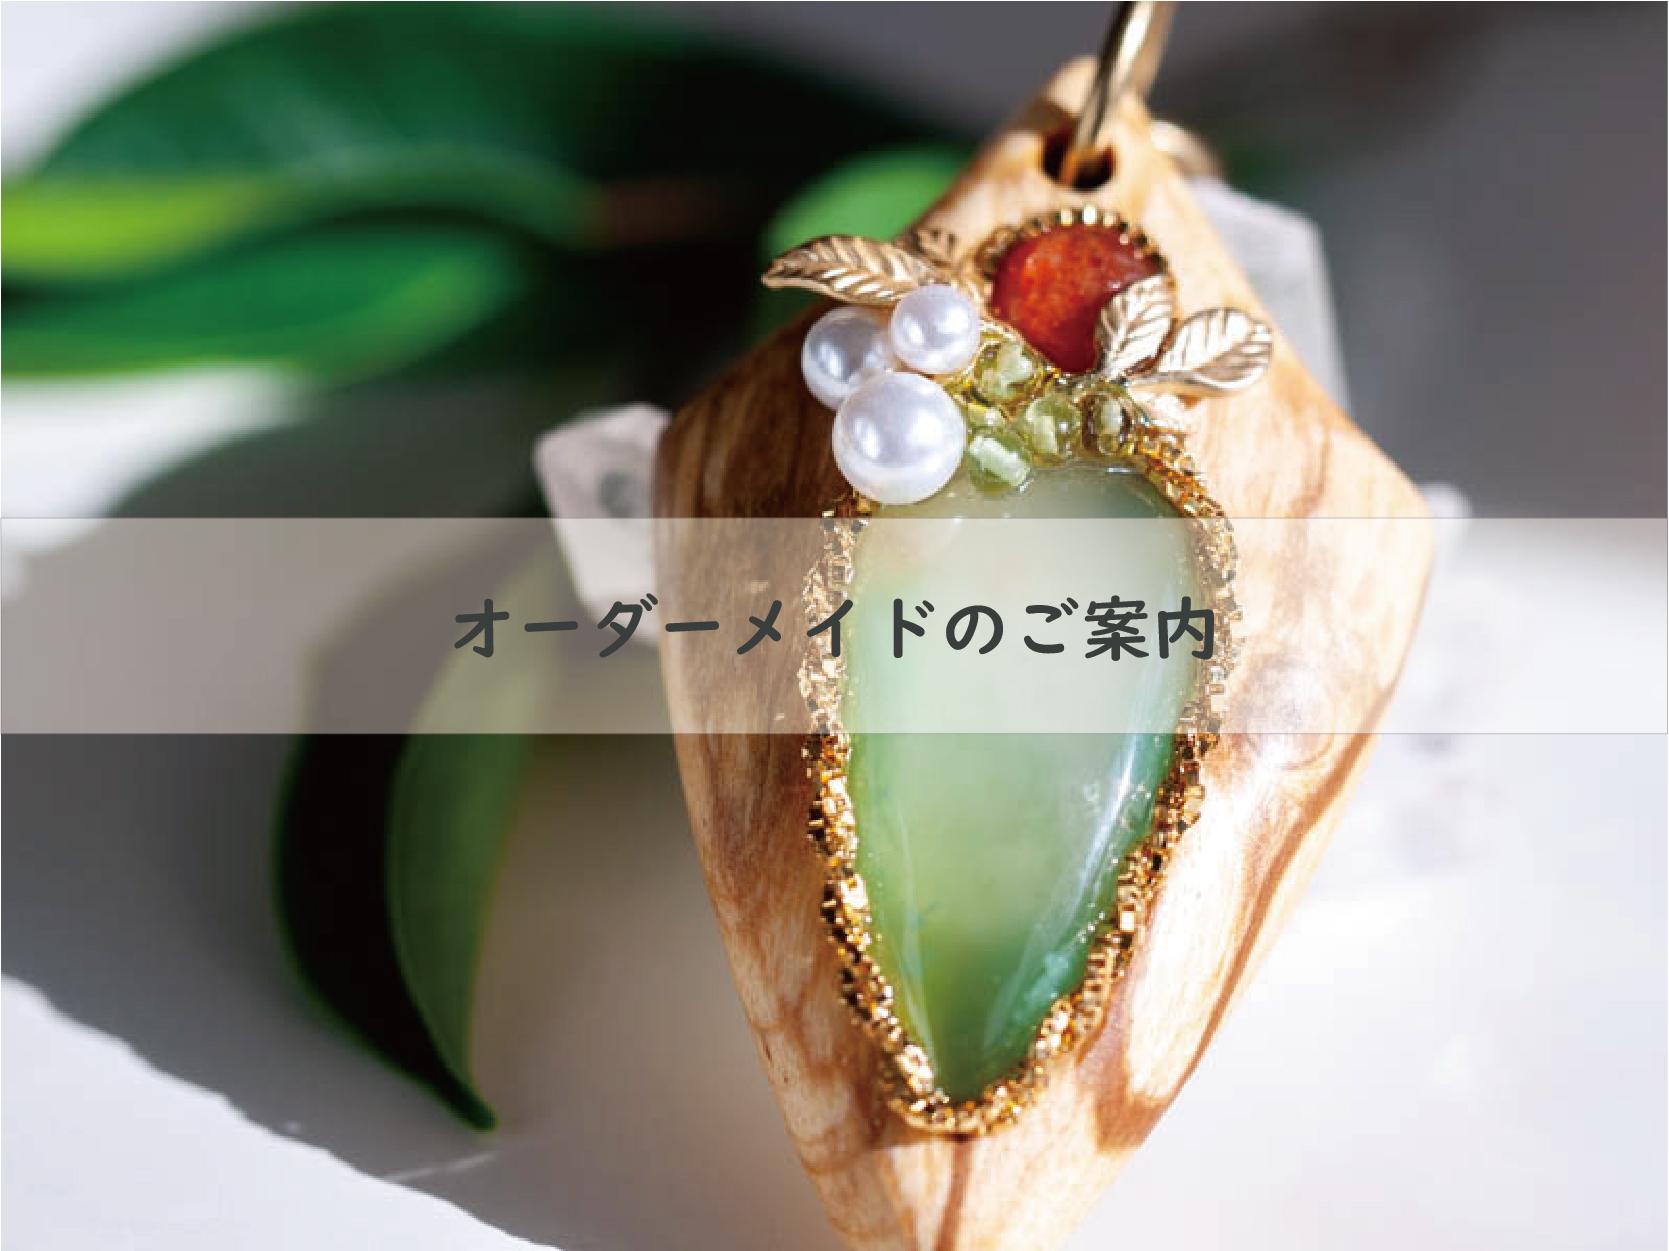 【オーダーメイドのご案内】2021/4/1